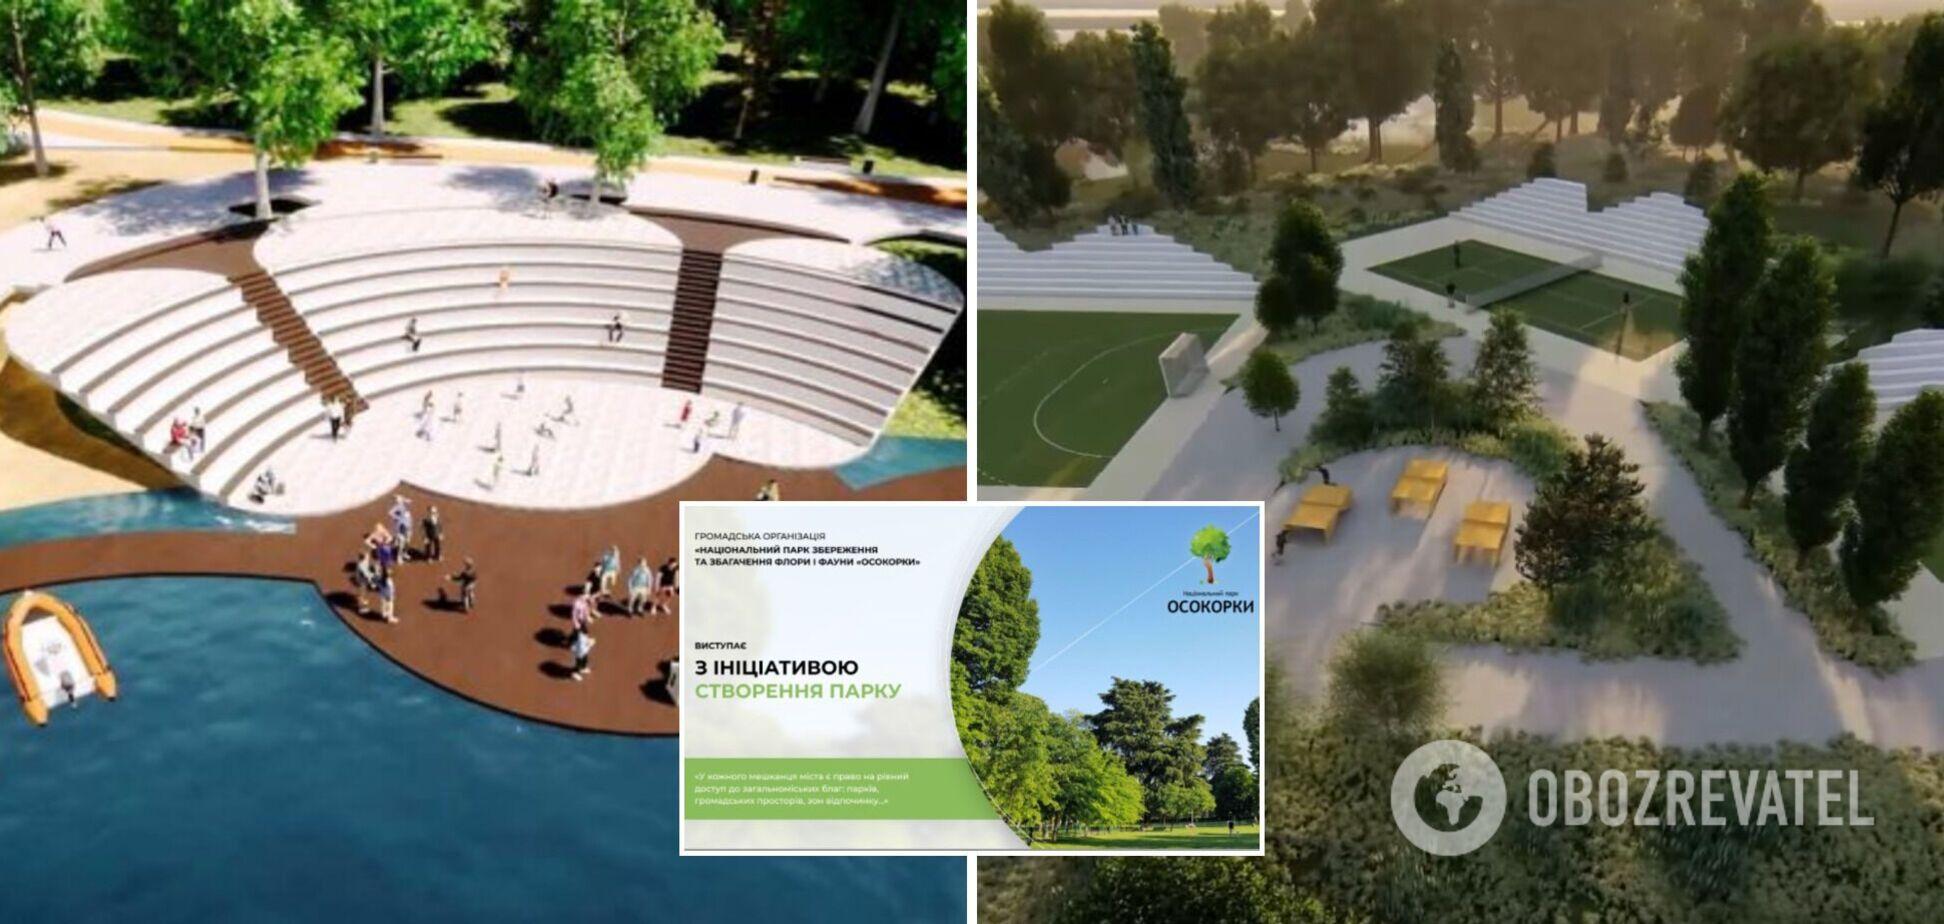 Екоактивісти ініціювали створення парку на Осокорках у Києві